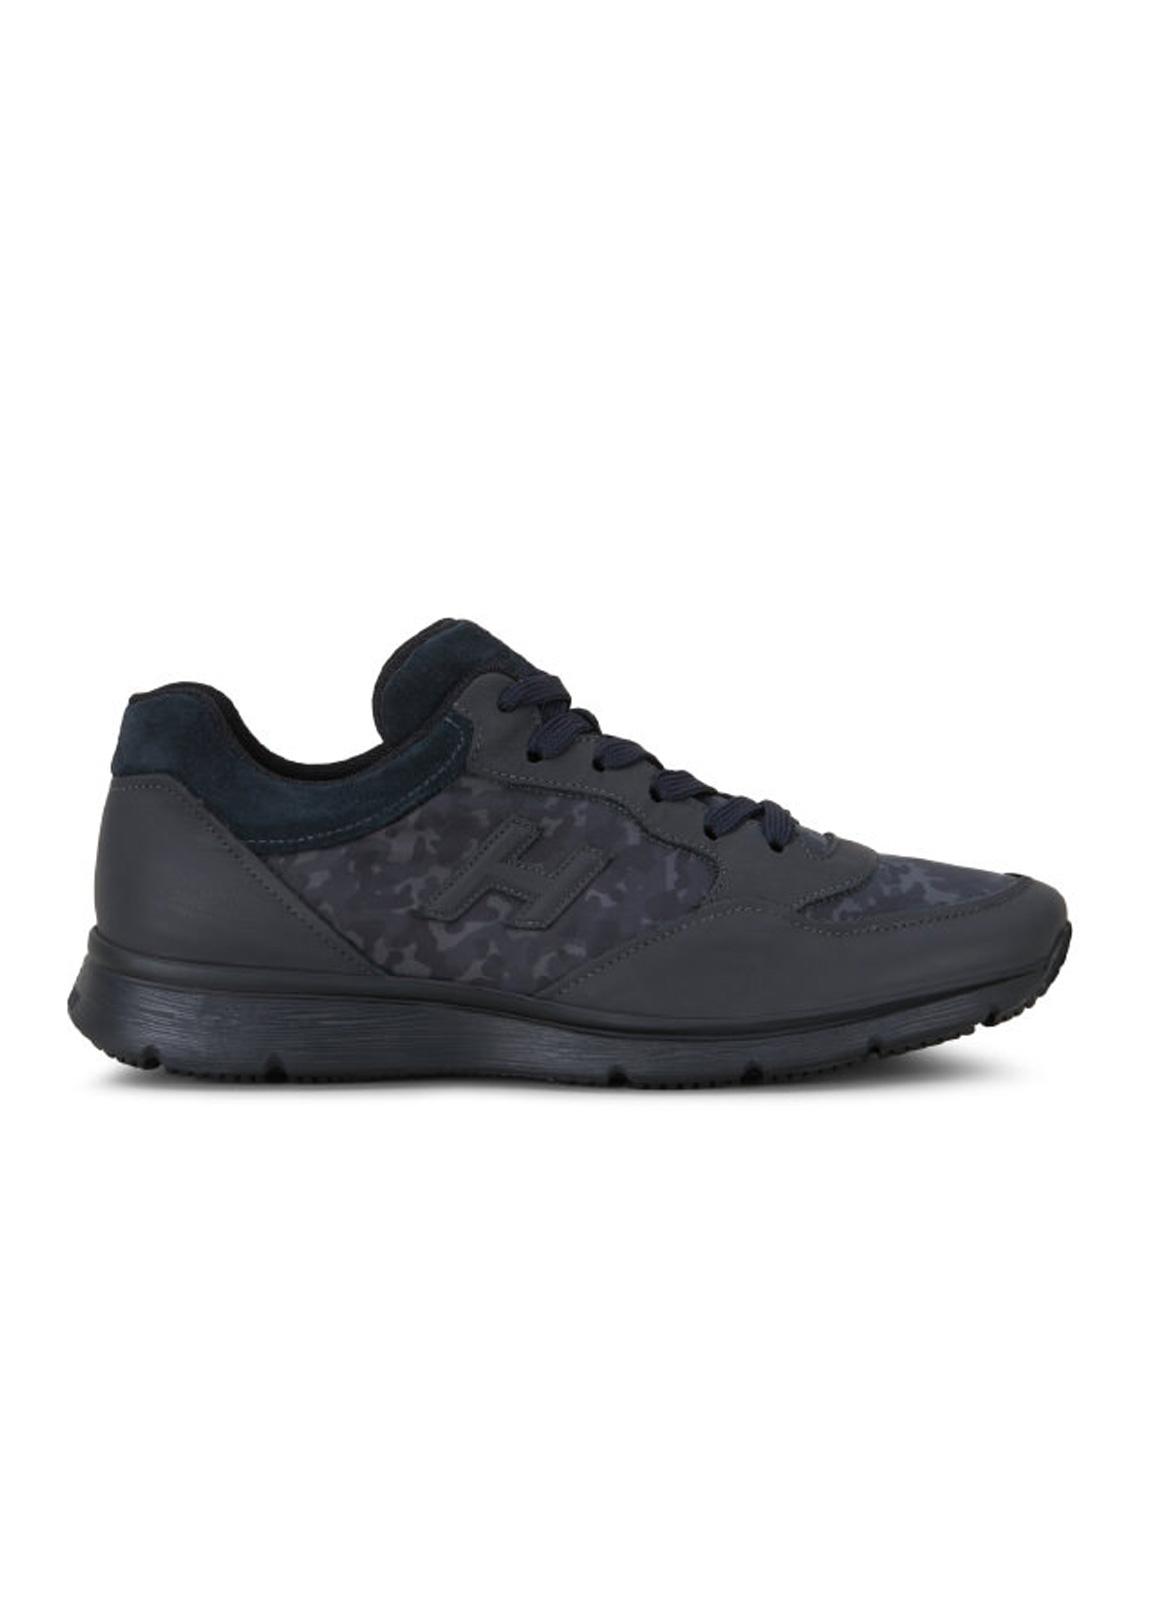 Calzado sport TRADITIONAL SNEAKER color negro. Piel con apliques en tejido técnico camuflaje y detalles en ante.